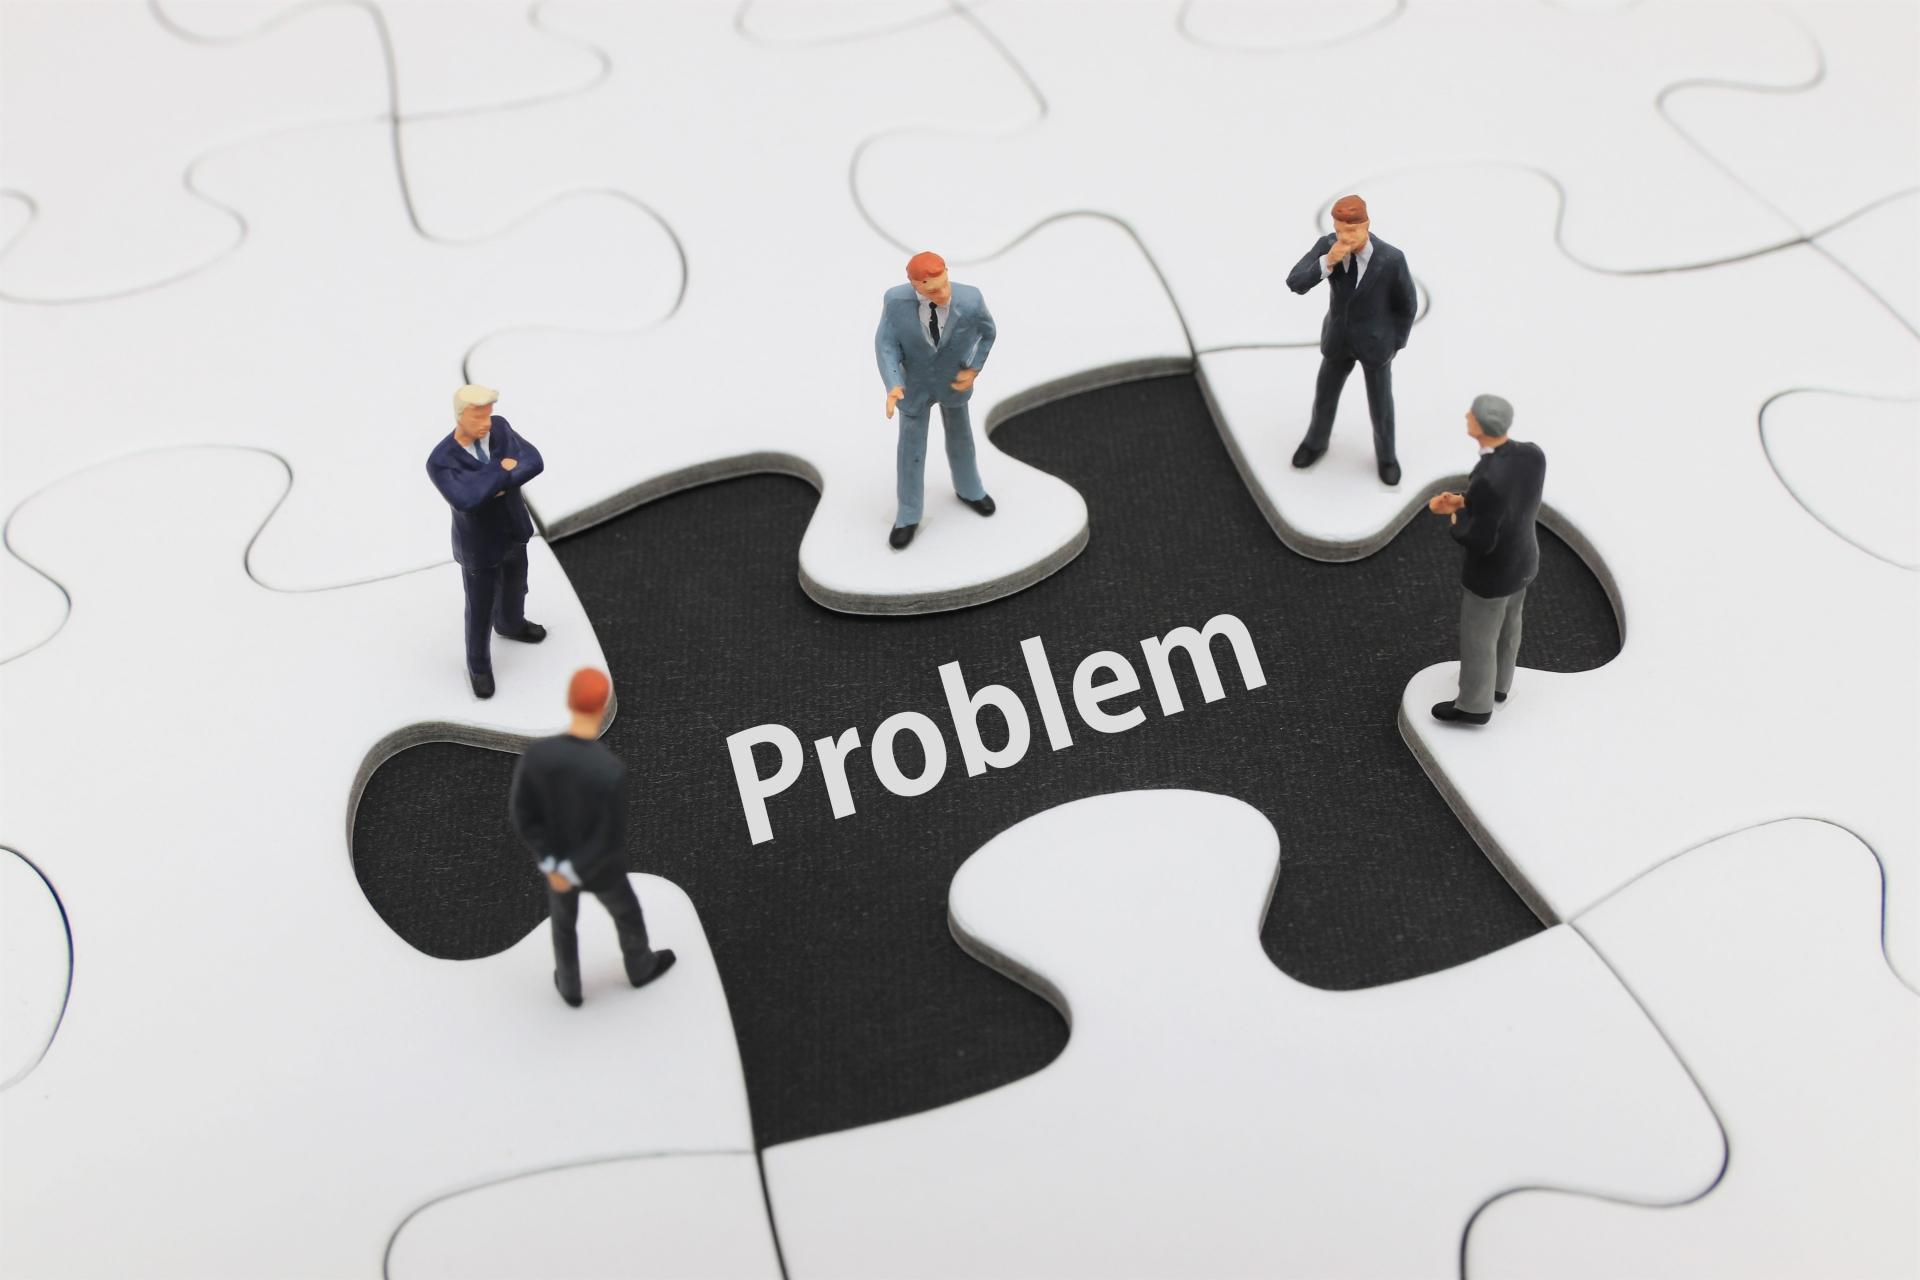 業務改善の今すぐできるアイデア4選_問題意識